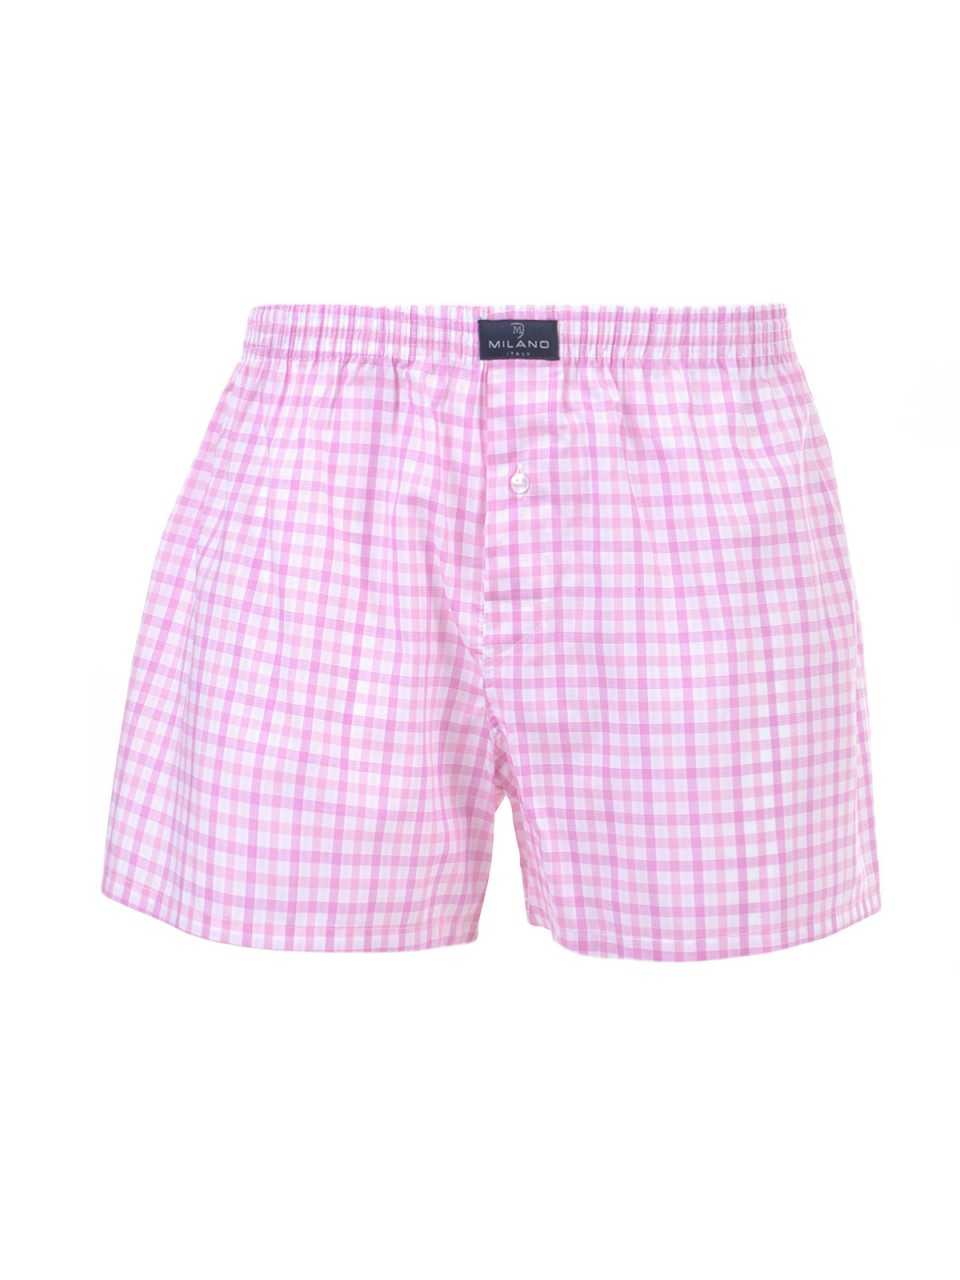 milano-italy-herren-boxershorts-pink-wei-szlig-